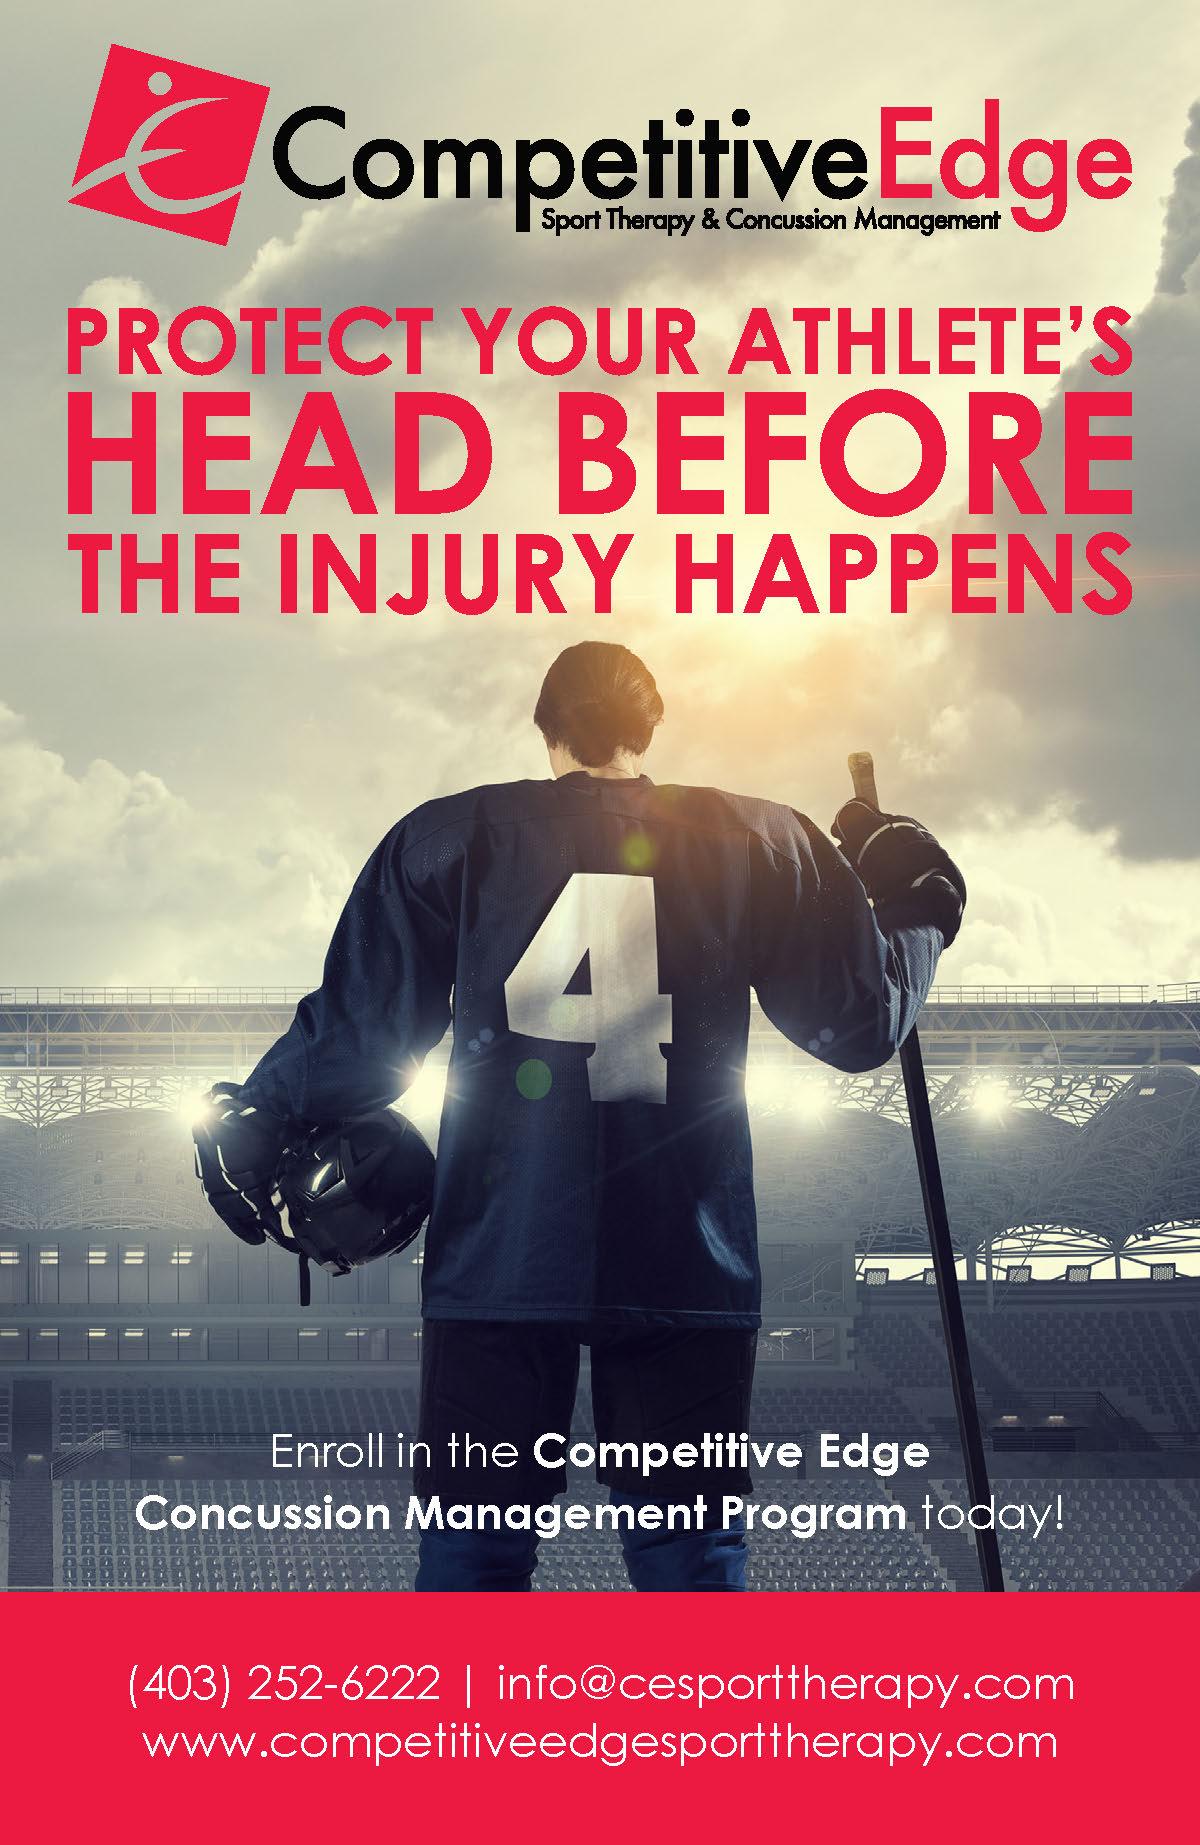 Competitive Edge Concussion Management Campaign